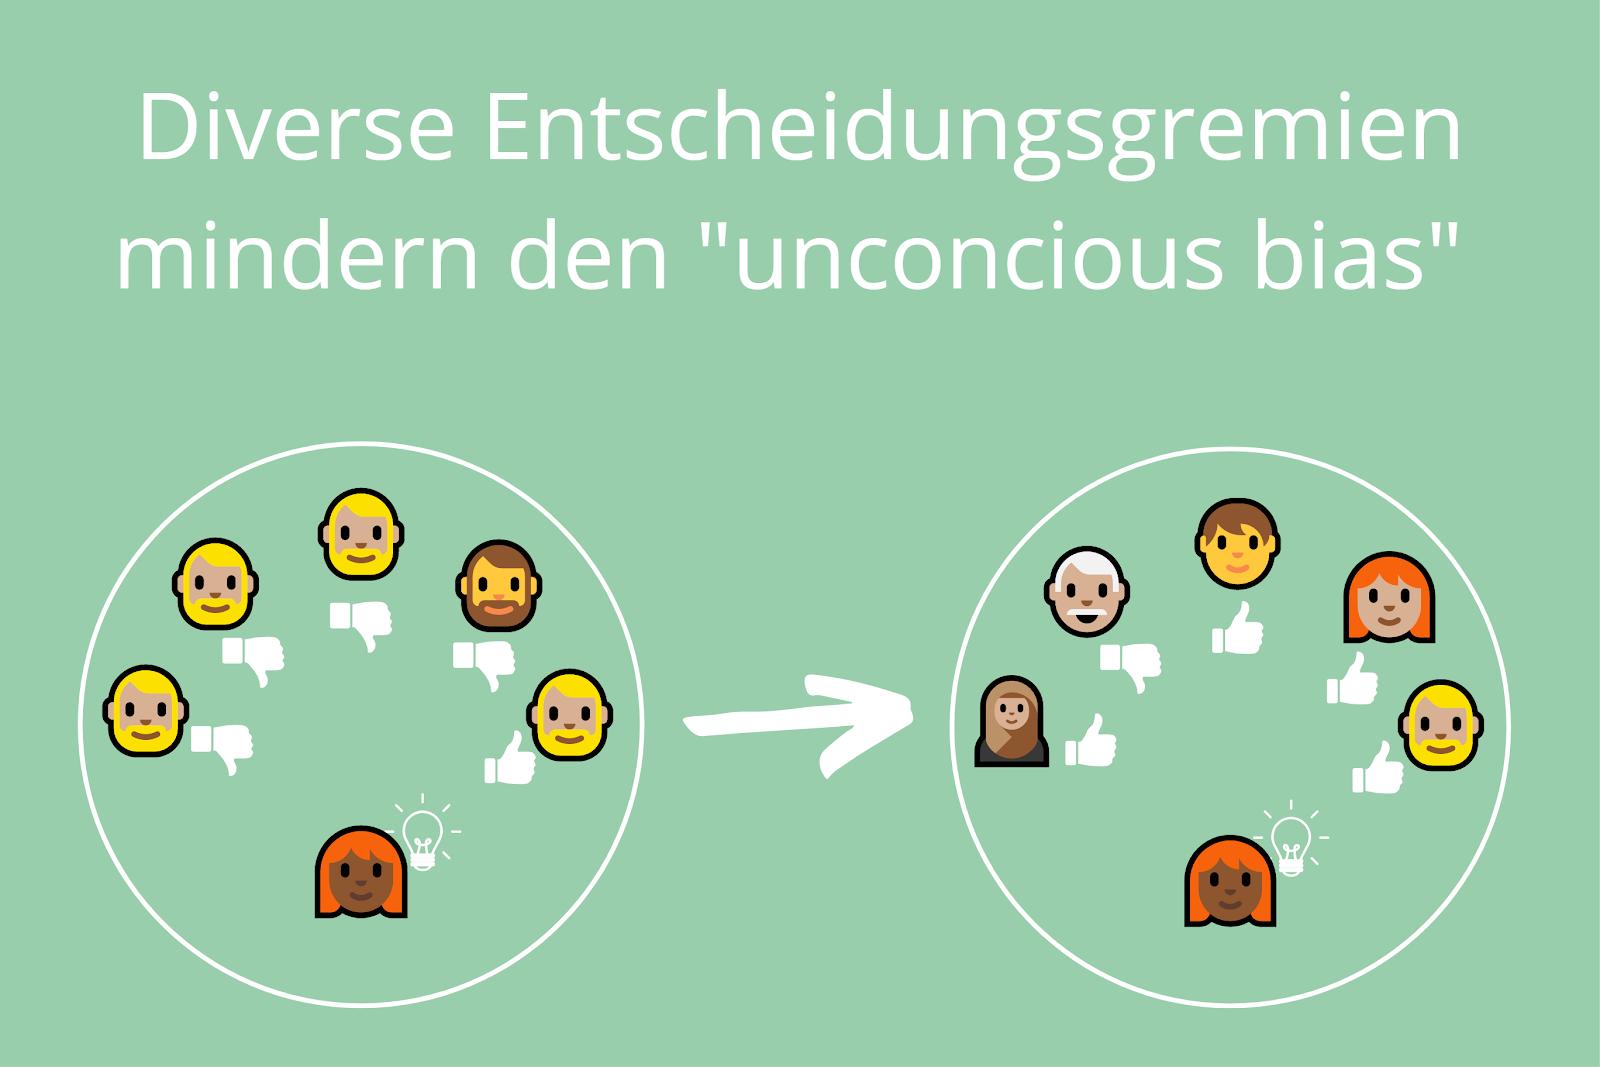 Darstellung der momentanen Situation von traditionellen Entscheidungsgremien zu modernen diversen Gremien.